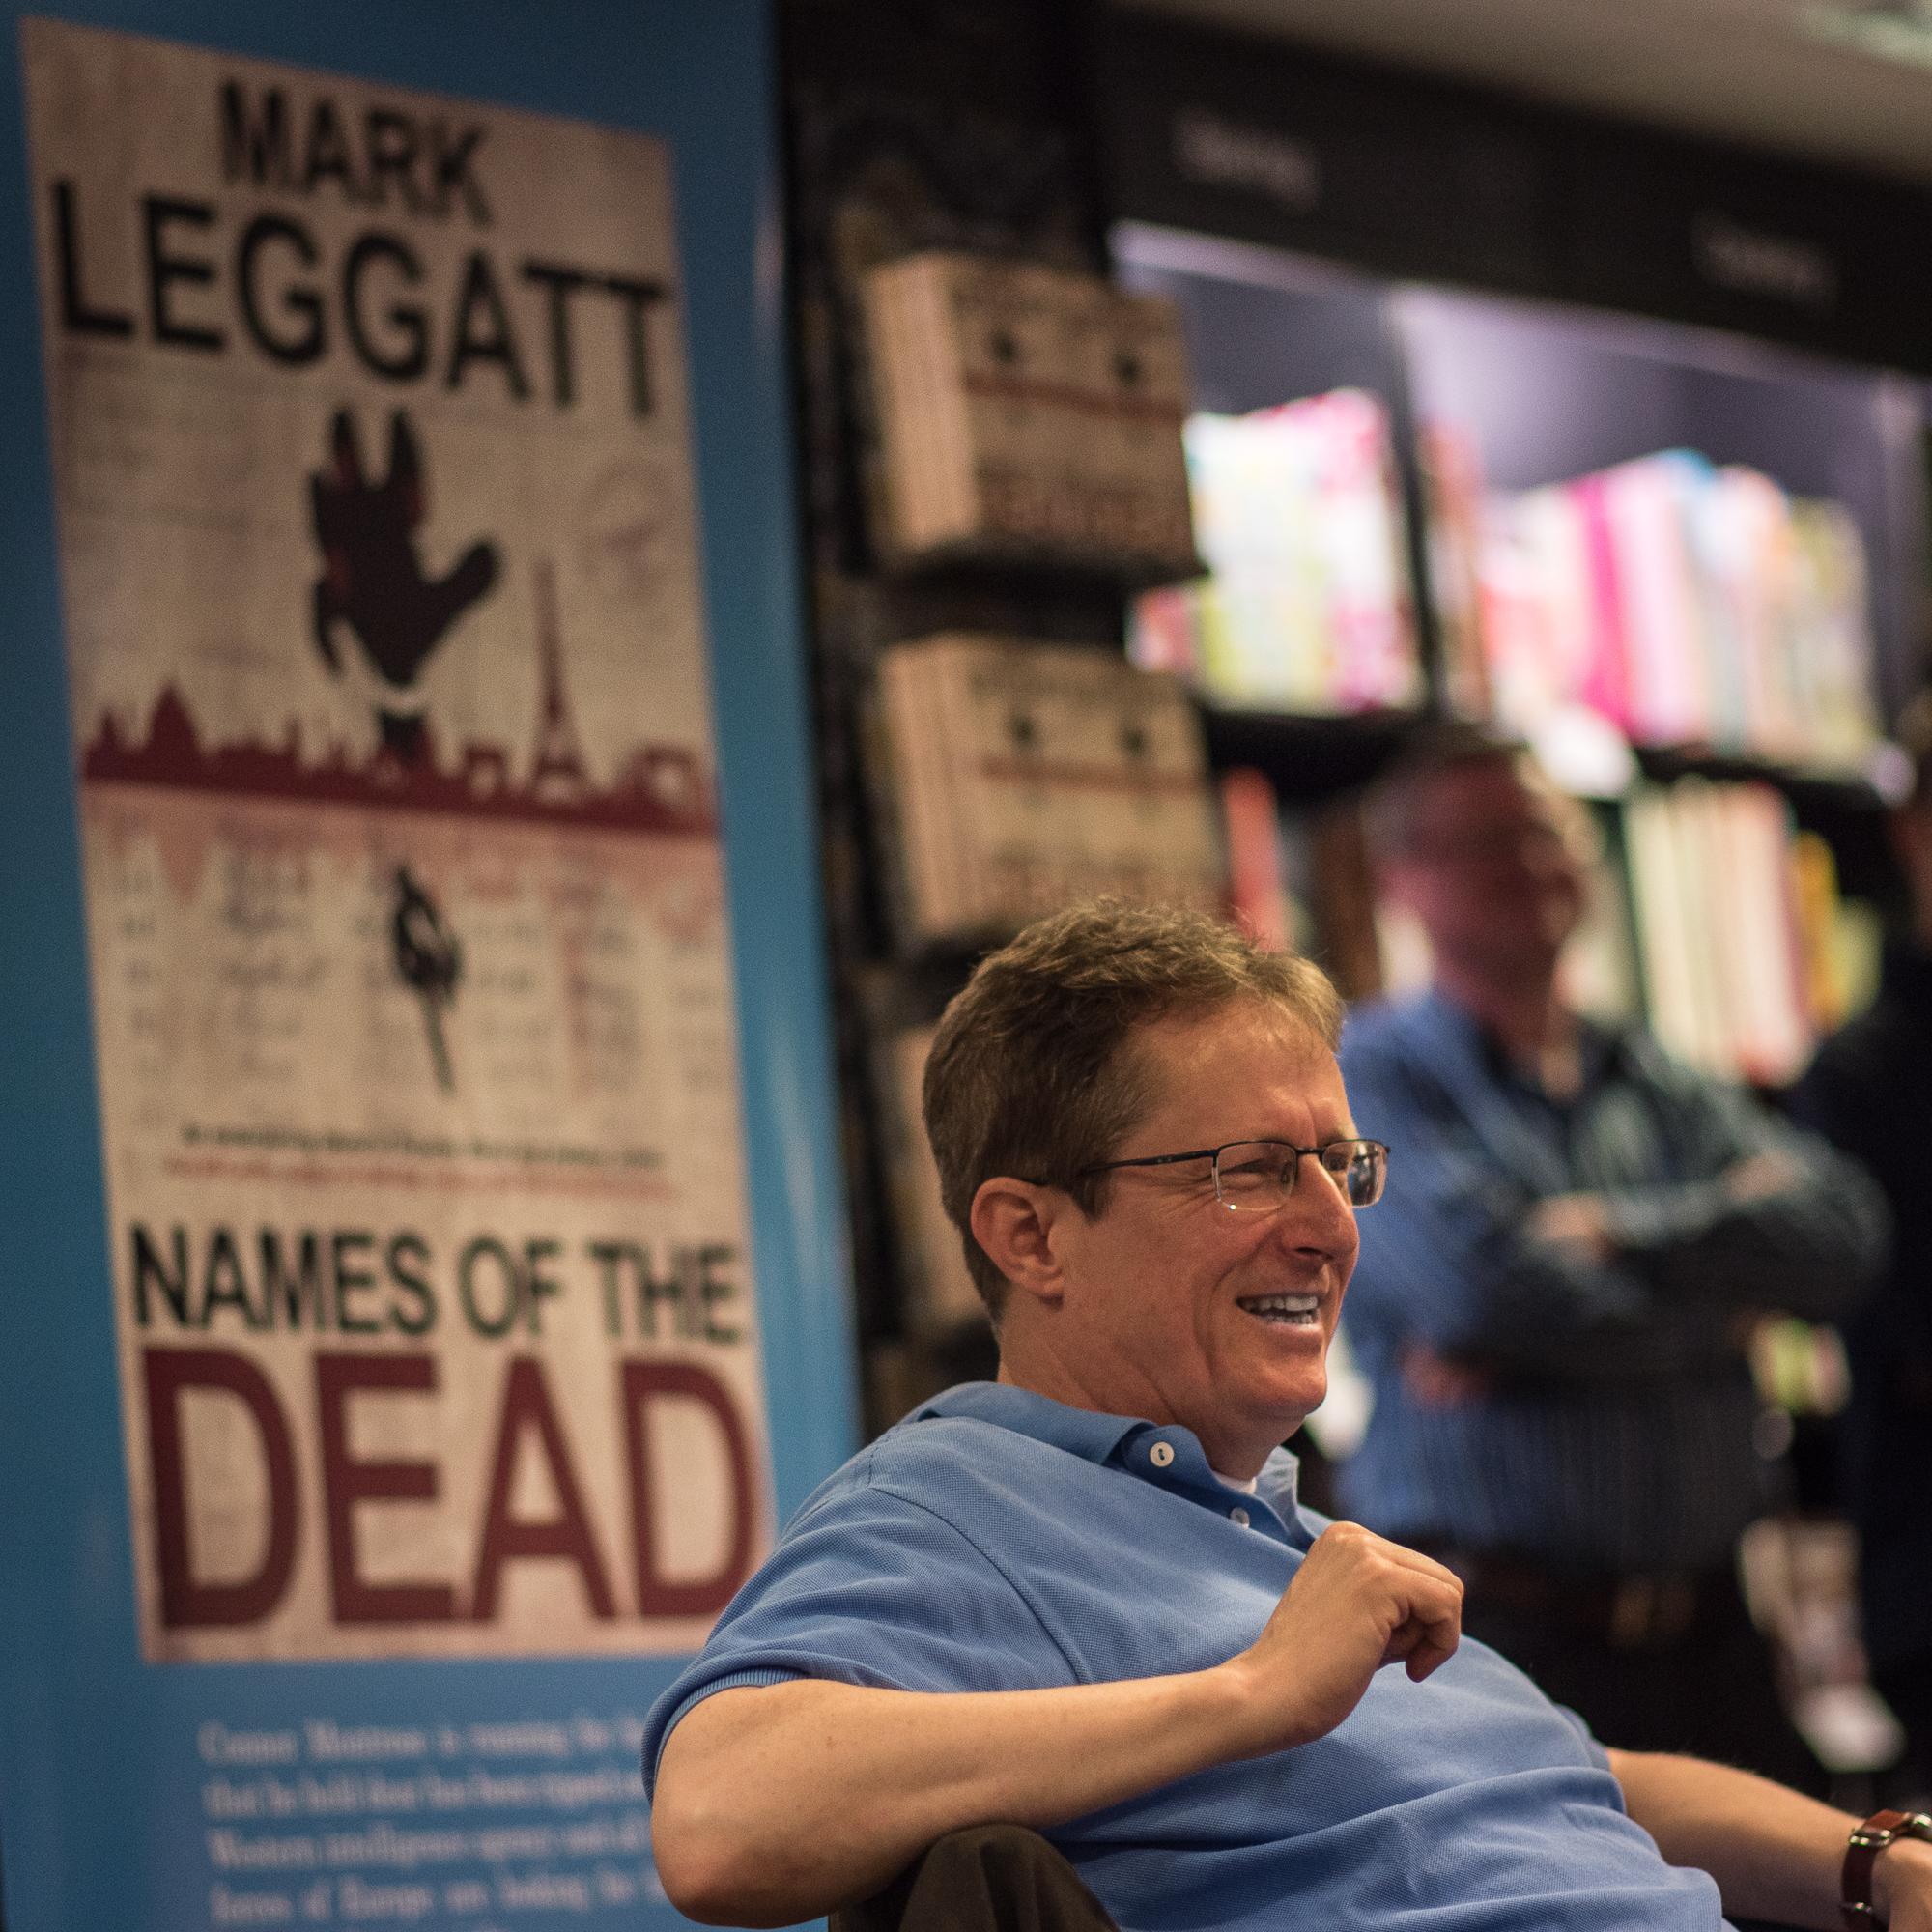 Mark Leggatt Book Launch